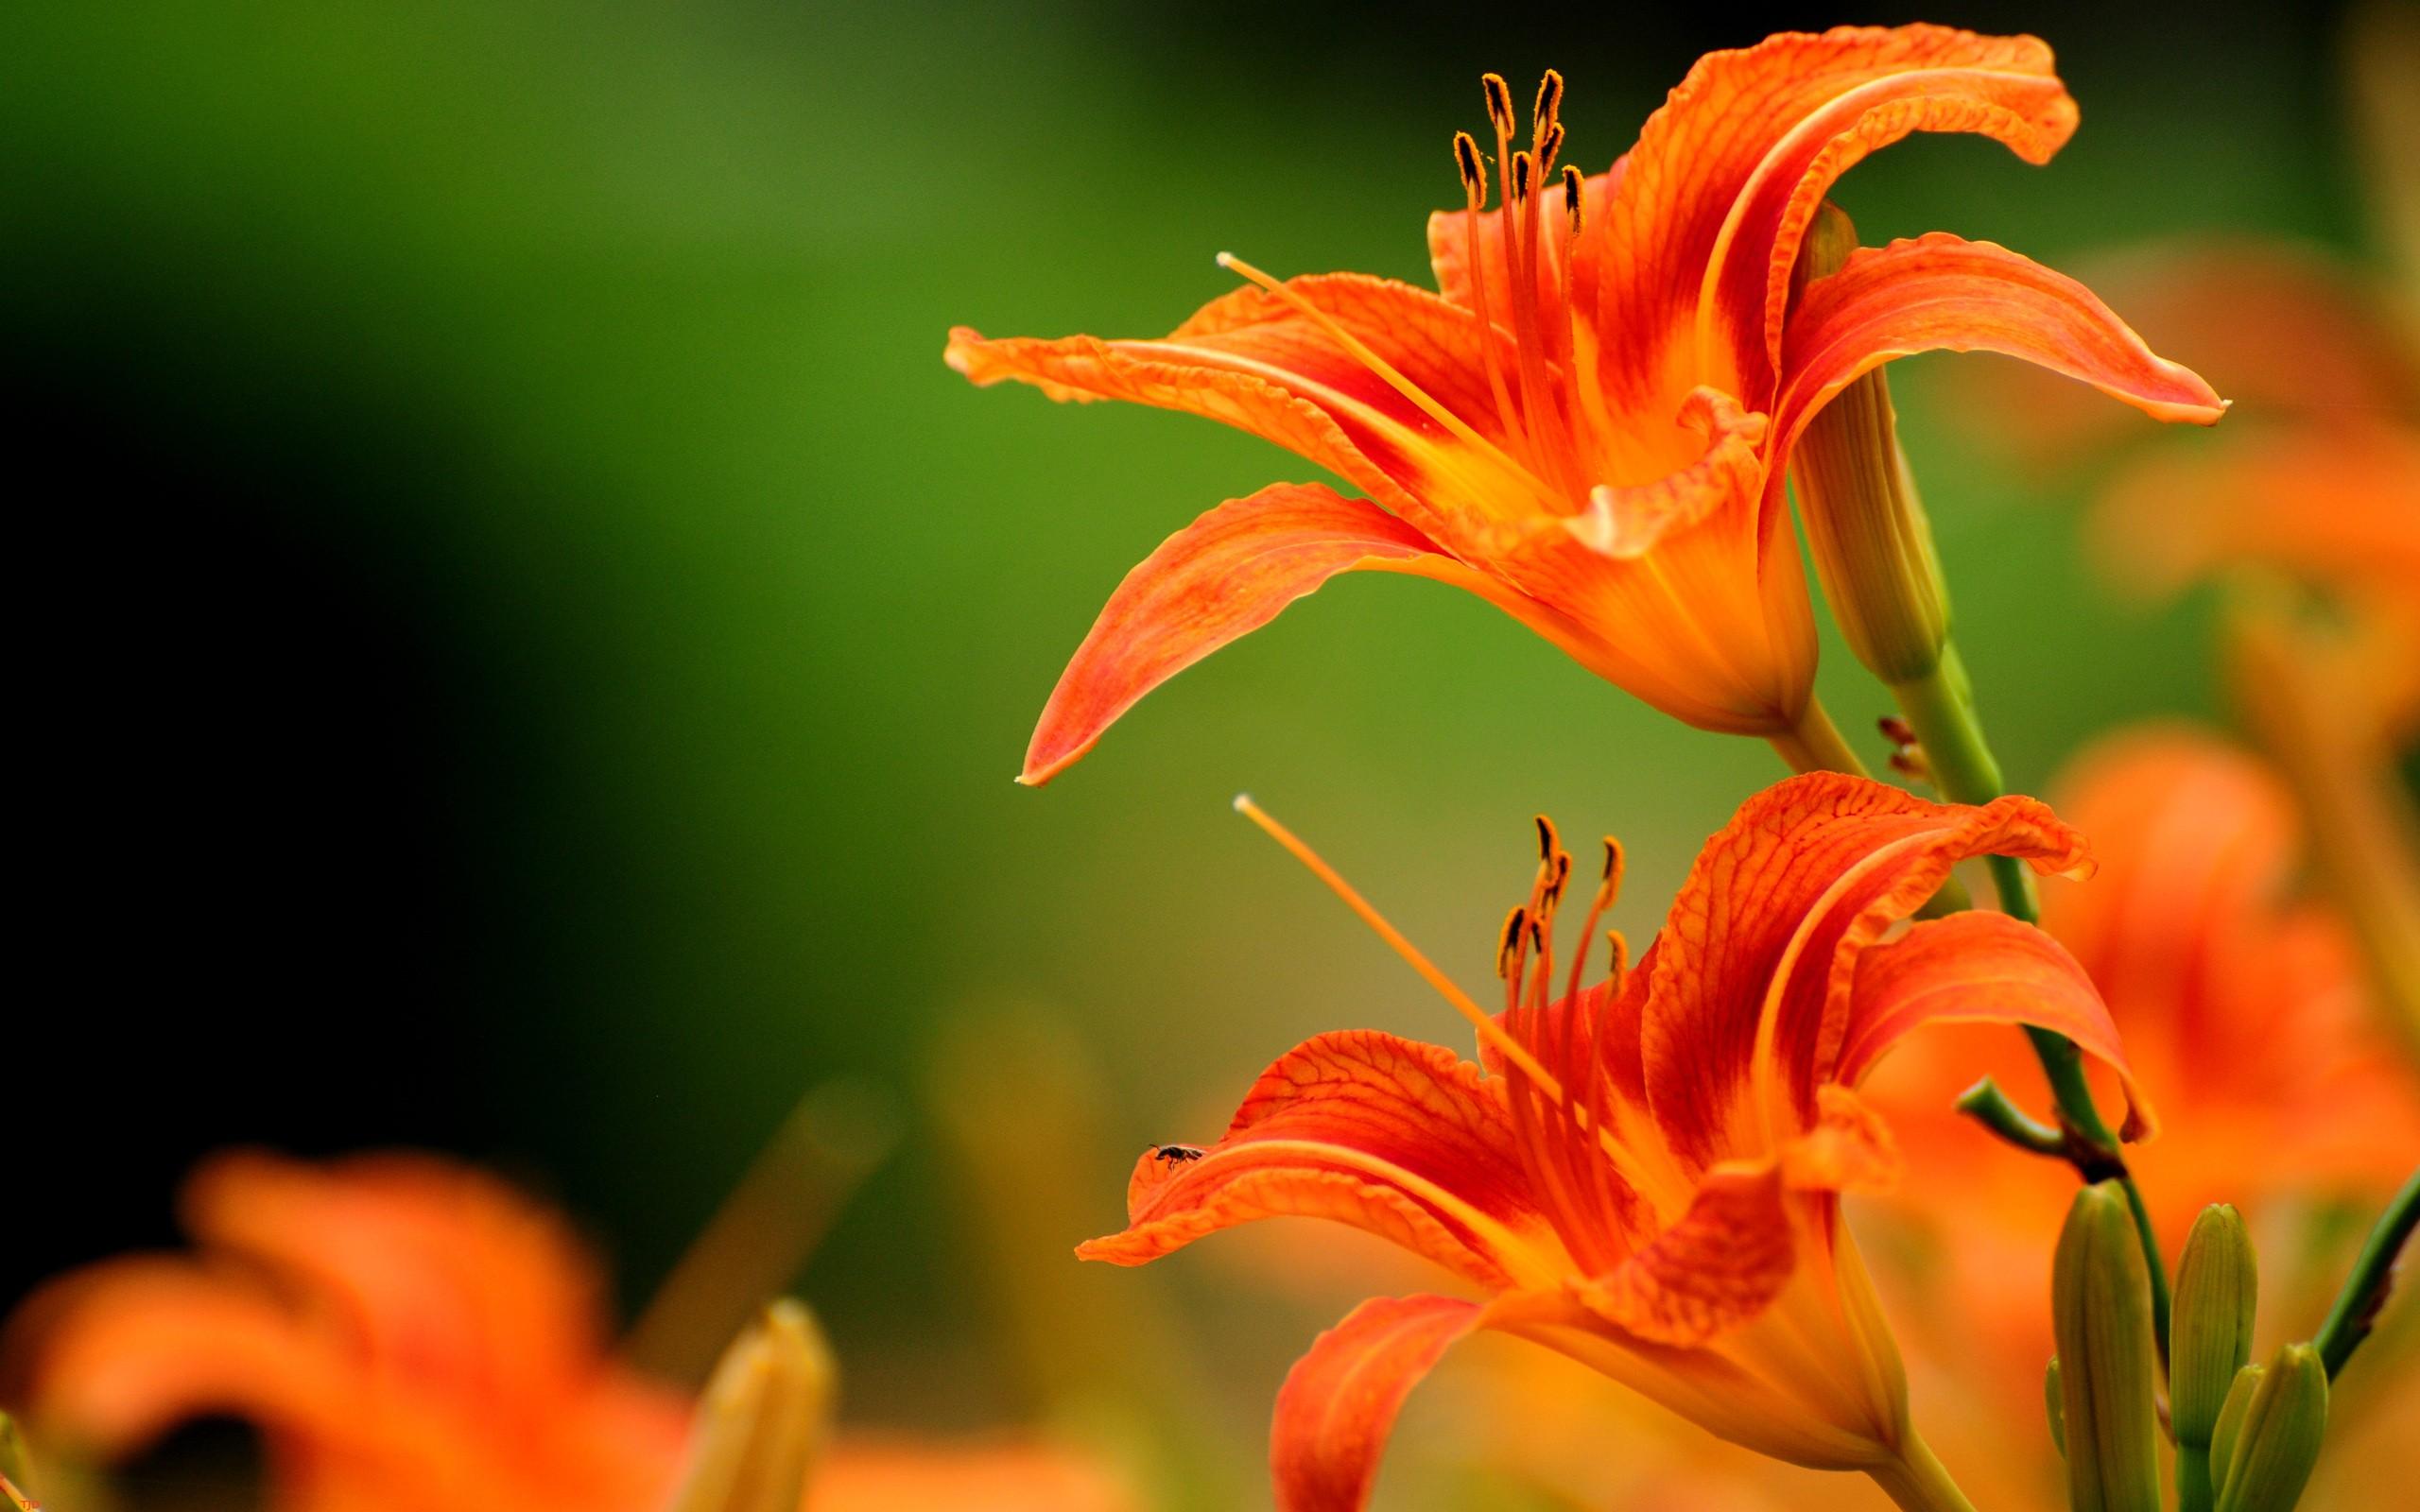 Stunning Orange Flower